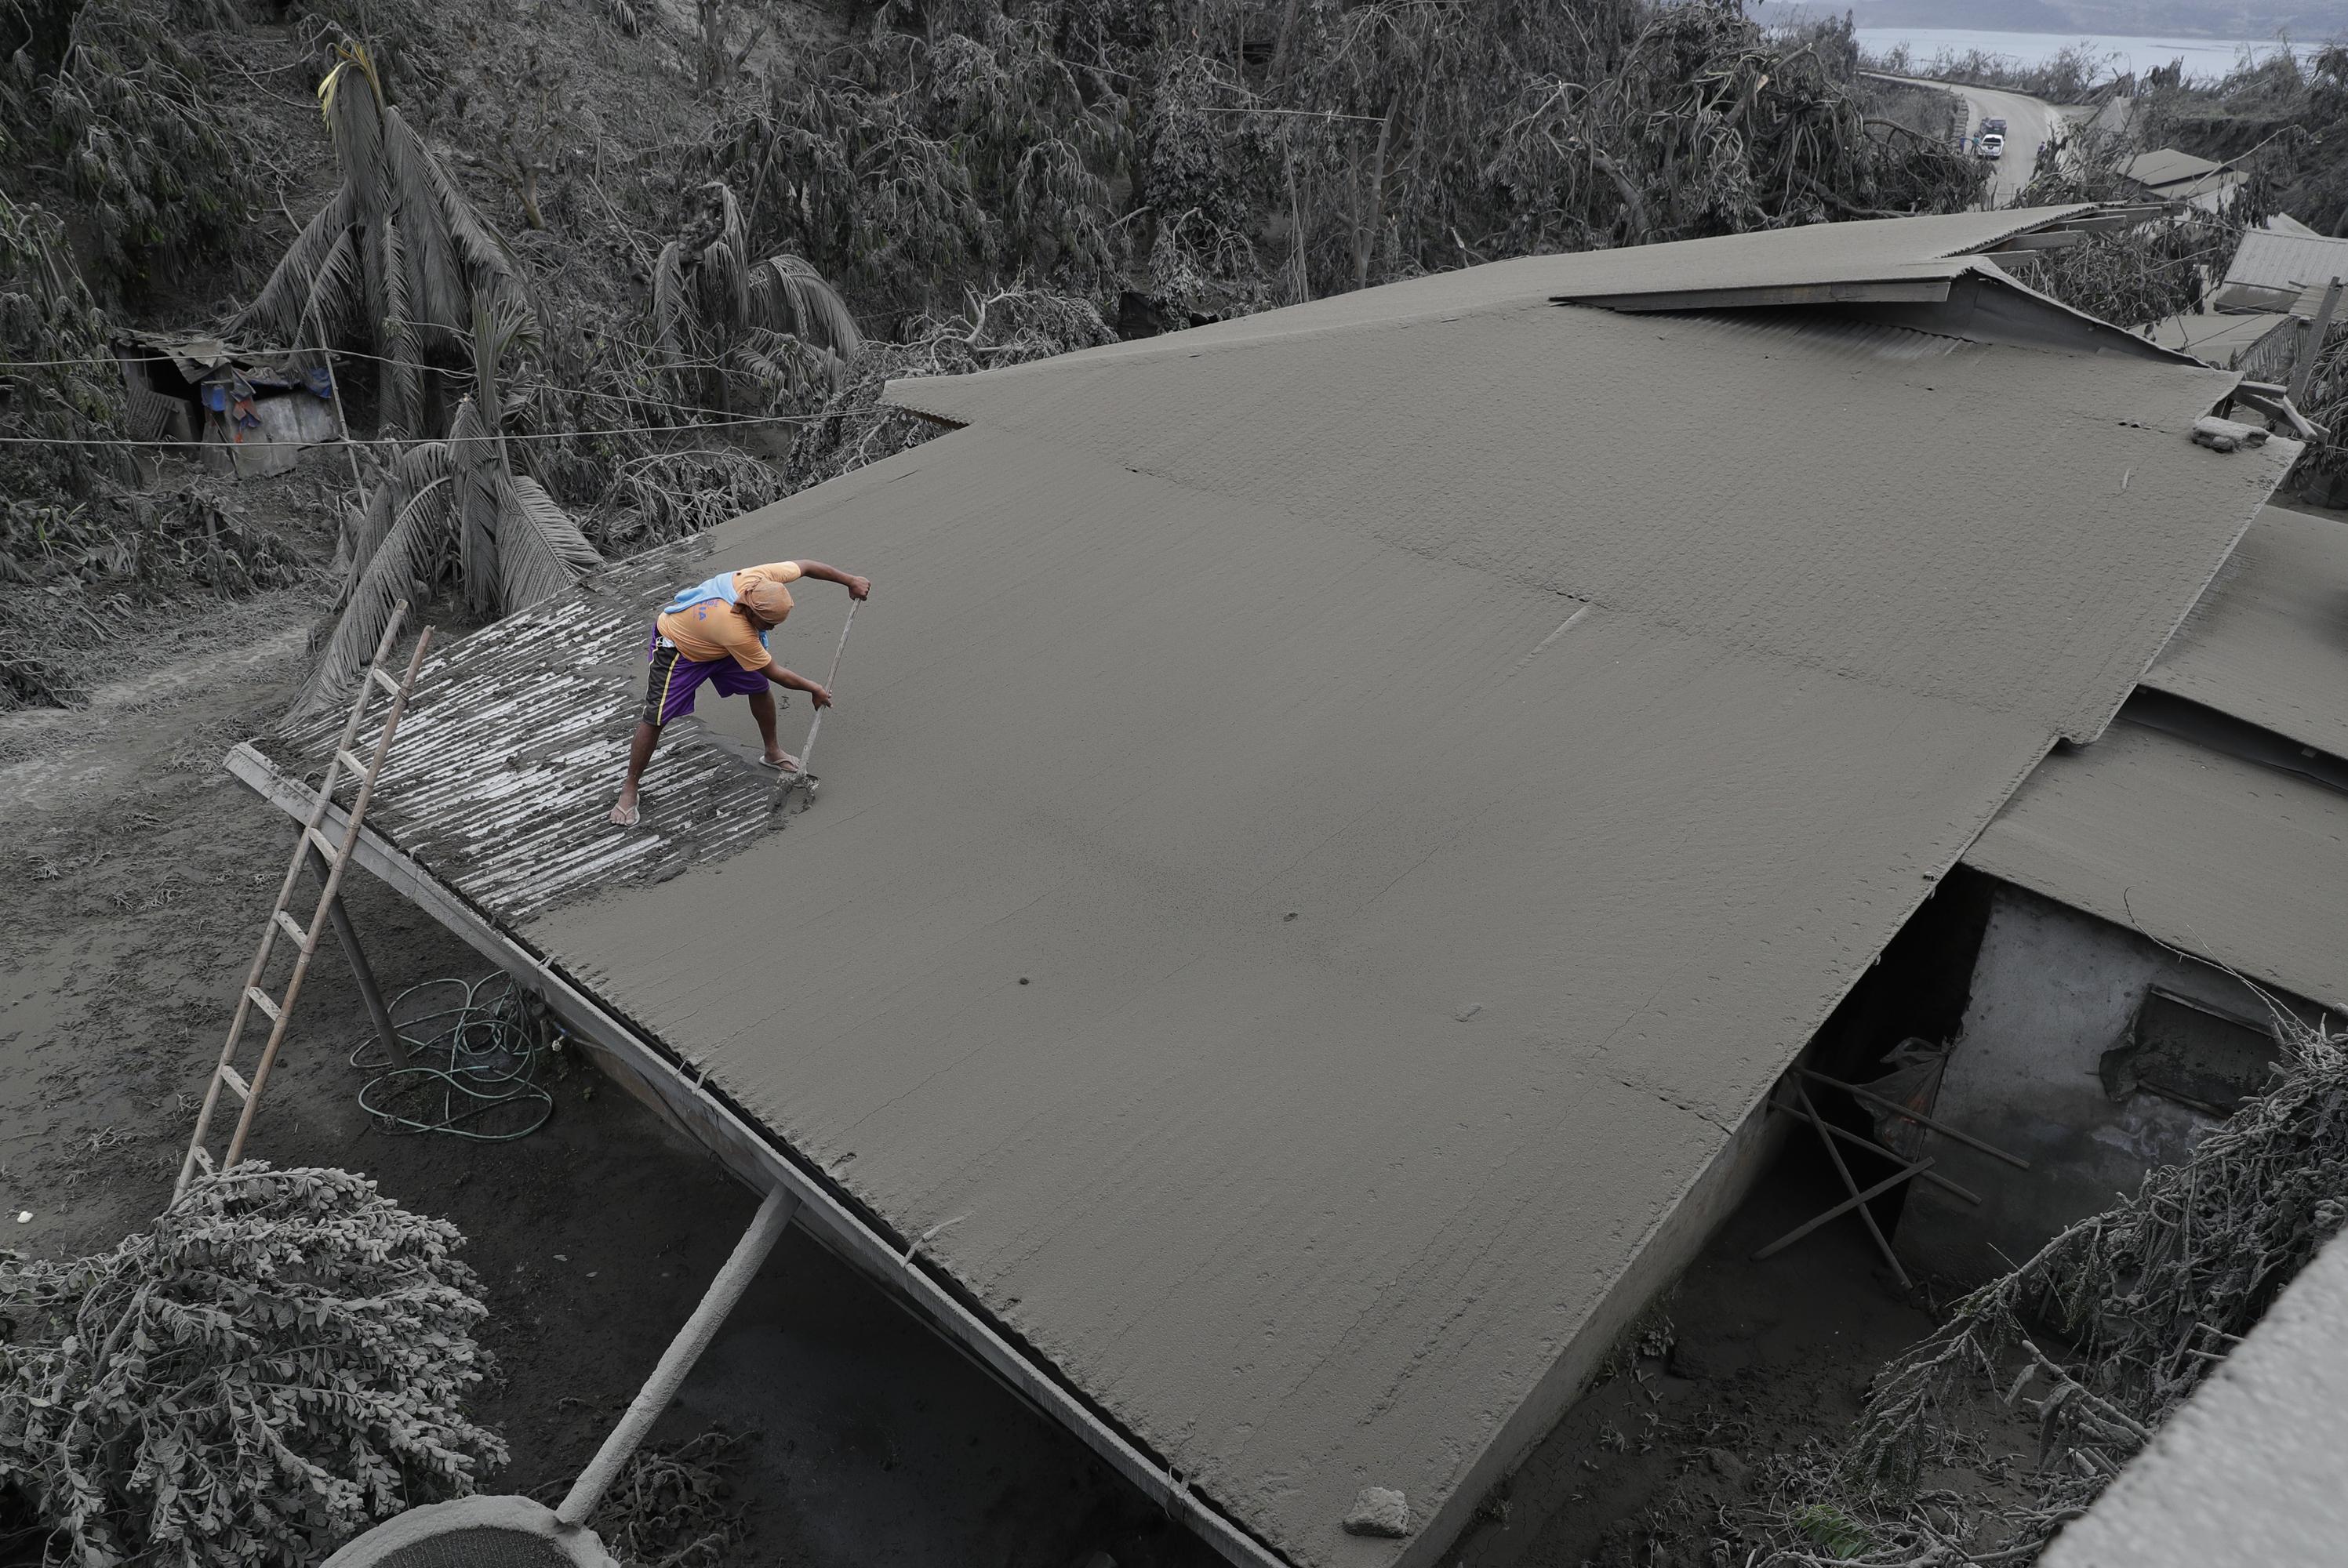 Un residente despeja las cenizas volcánicas de su techo en Laurel, provincia de Batangas, en el sur de Filipinas. (Foto AP / Aaron Favila)